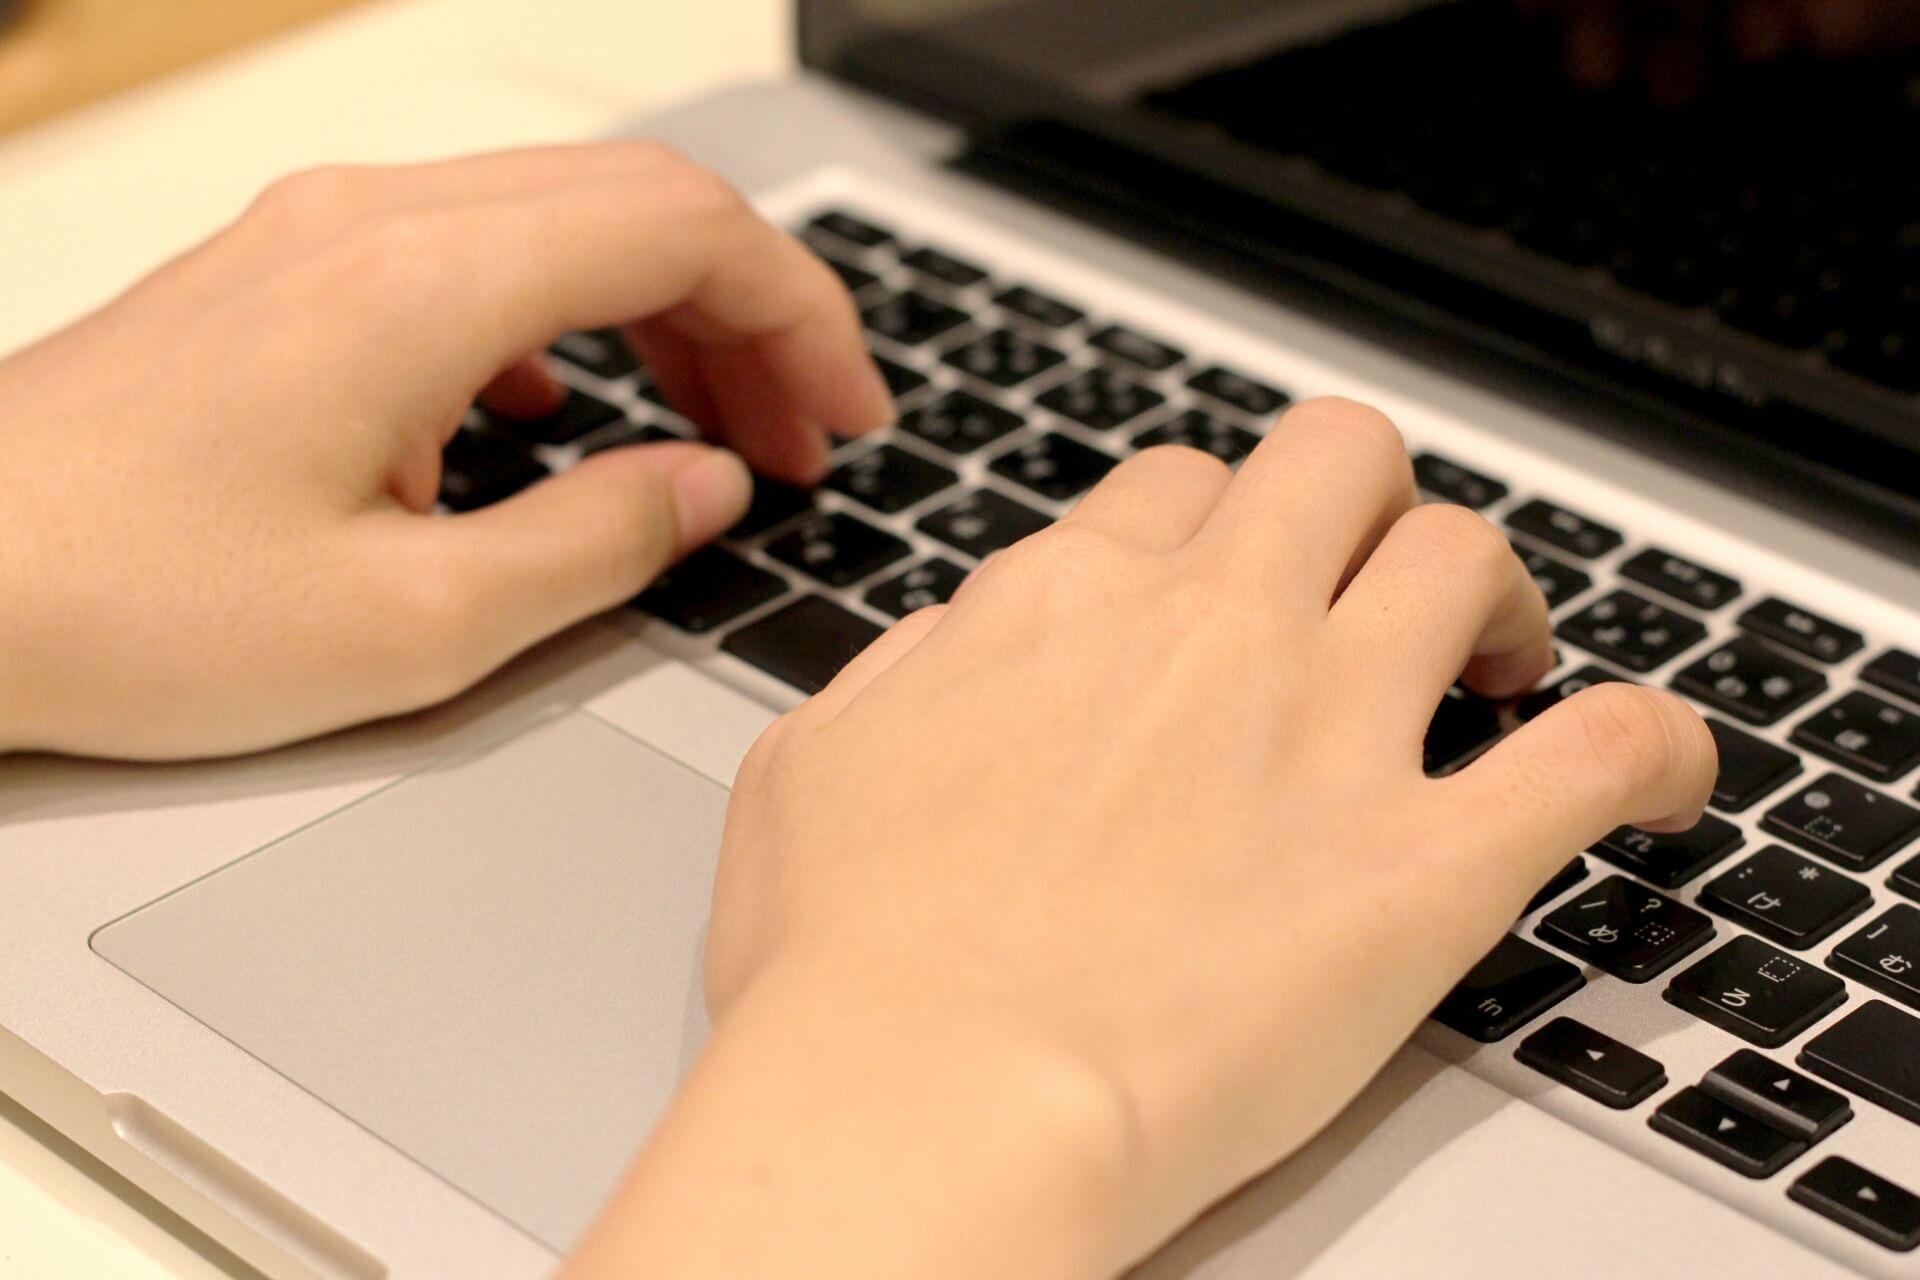 打ち合わせの依頼をメールで送ろう!簡素な返信を打ち合わせメールで獲得するために